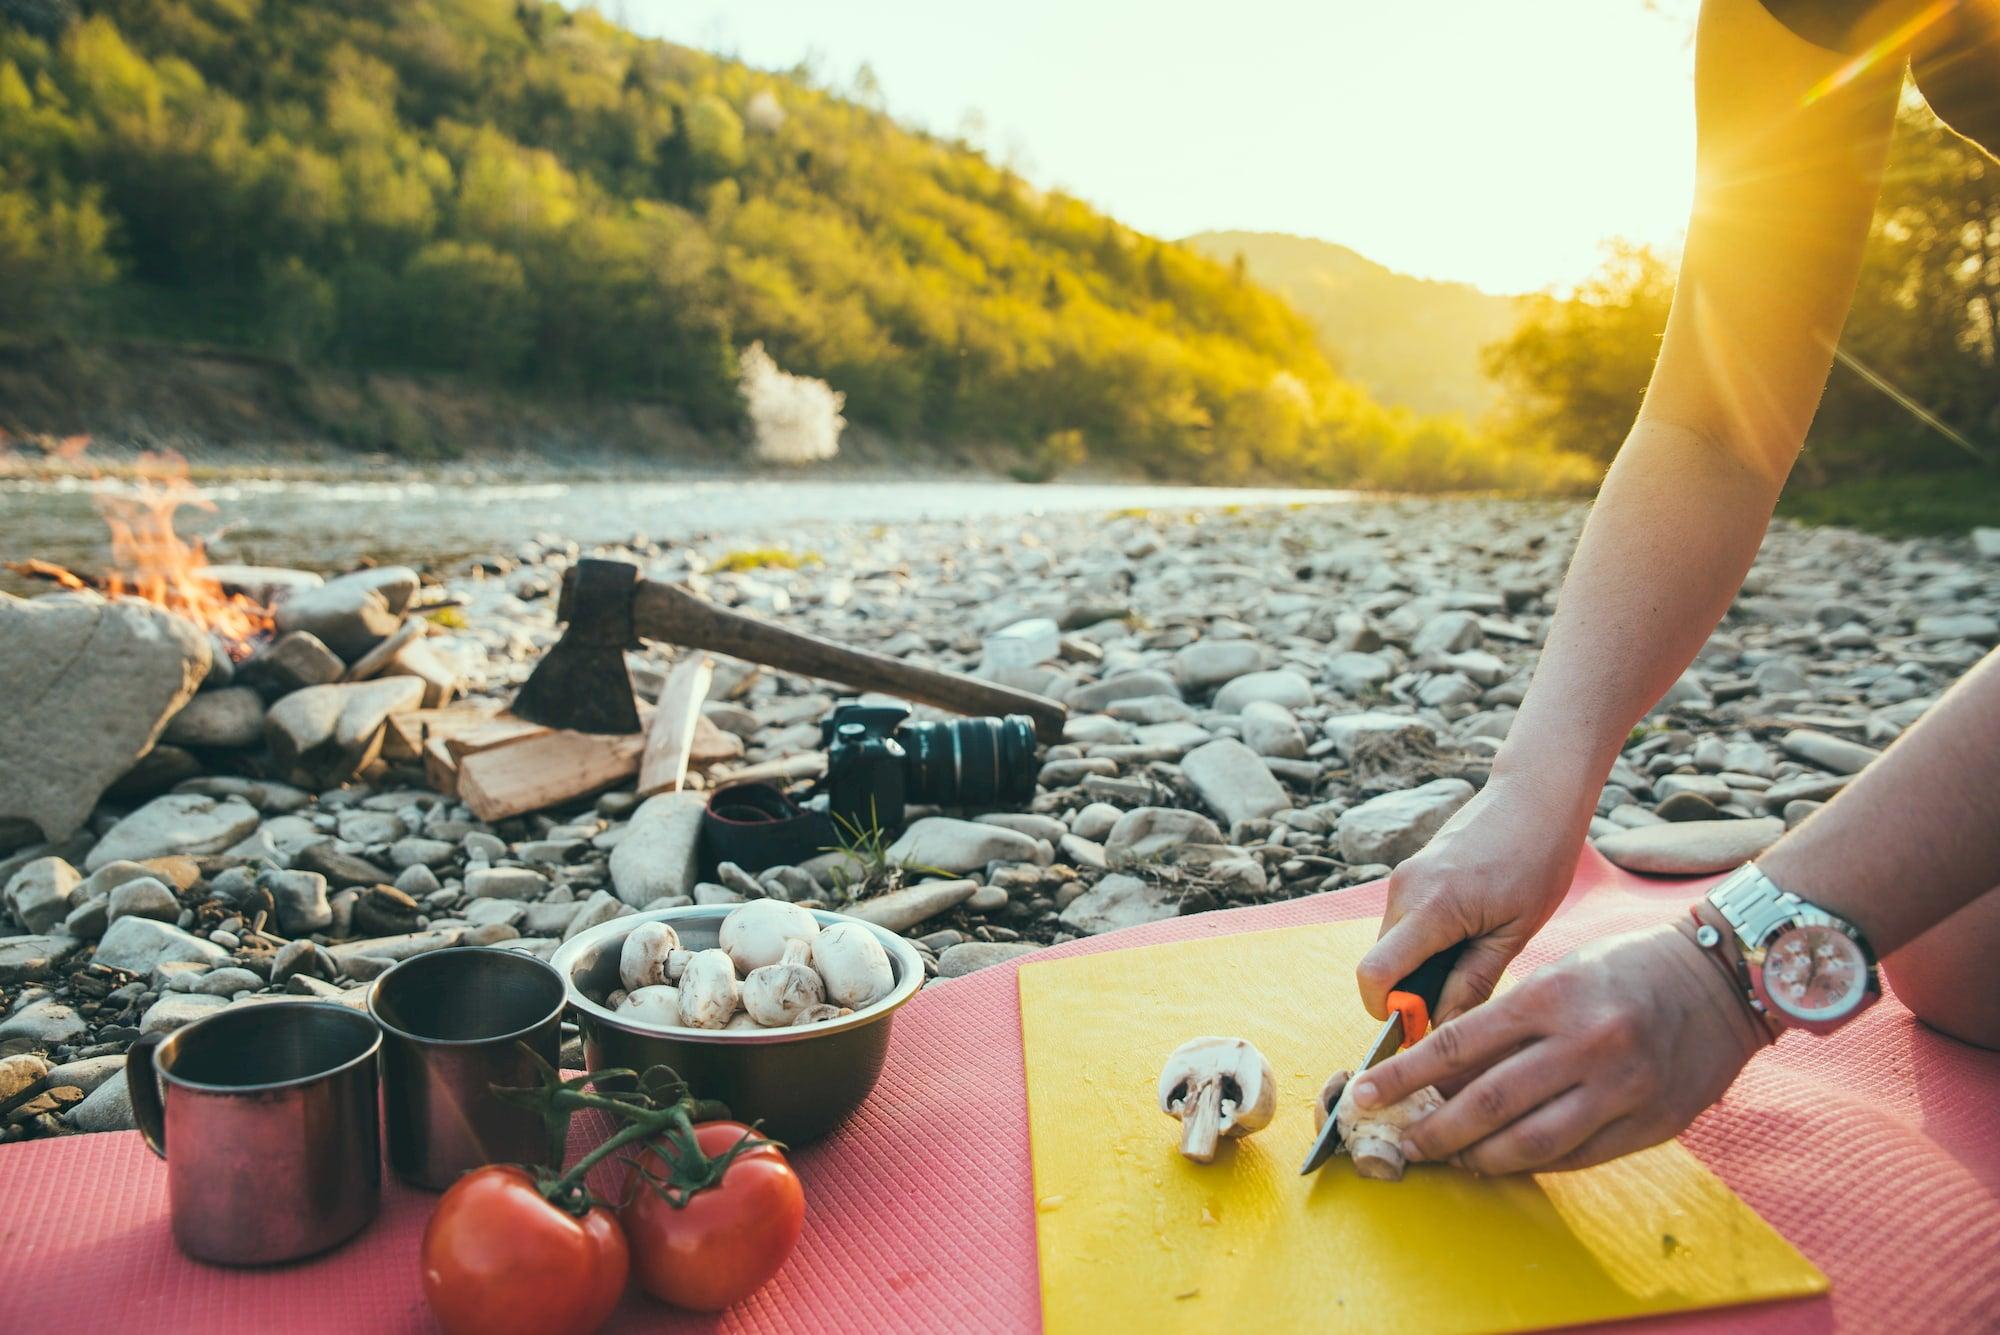 Camper cutting mushrooms on a cutting board beside campfire.